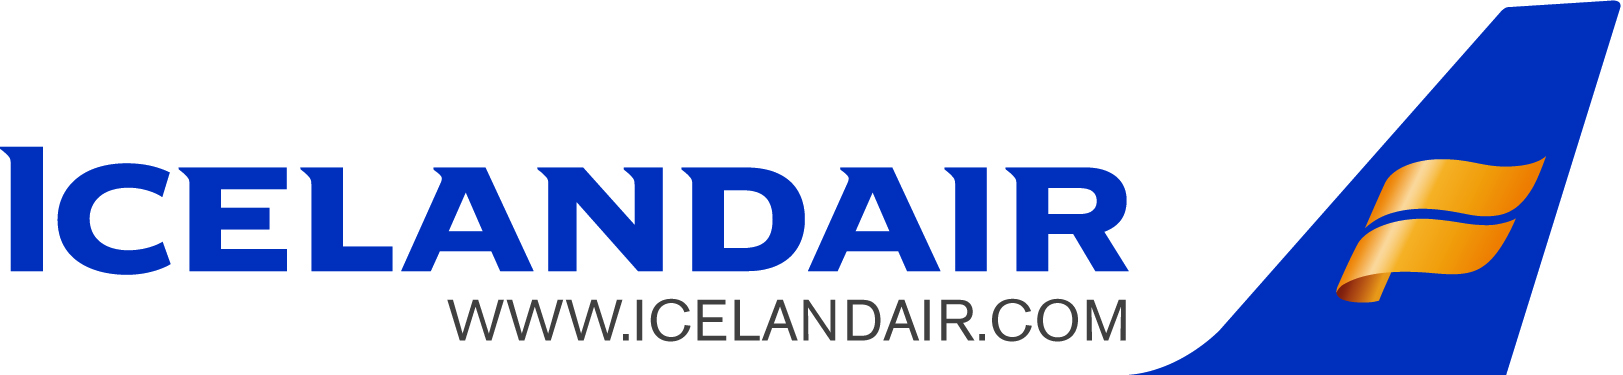 Logotipo de Icelandair